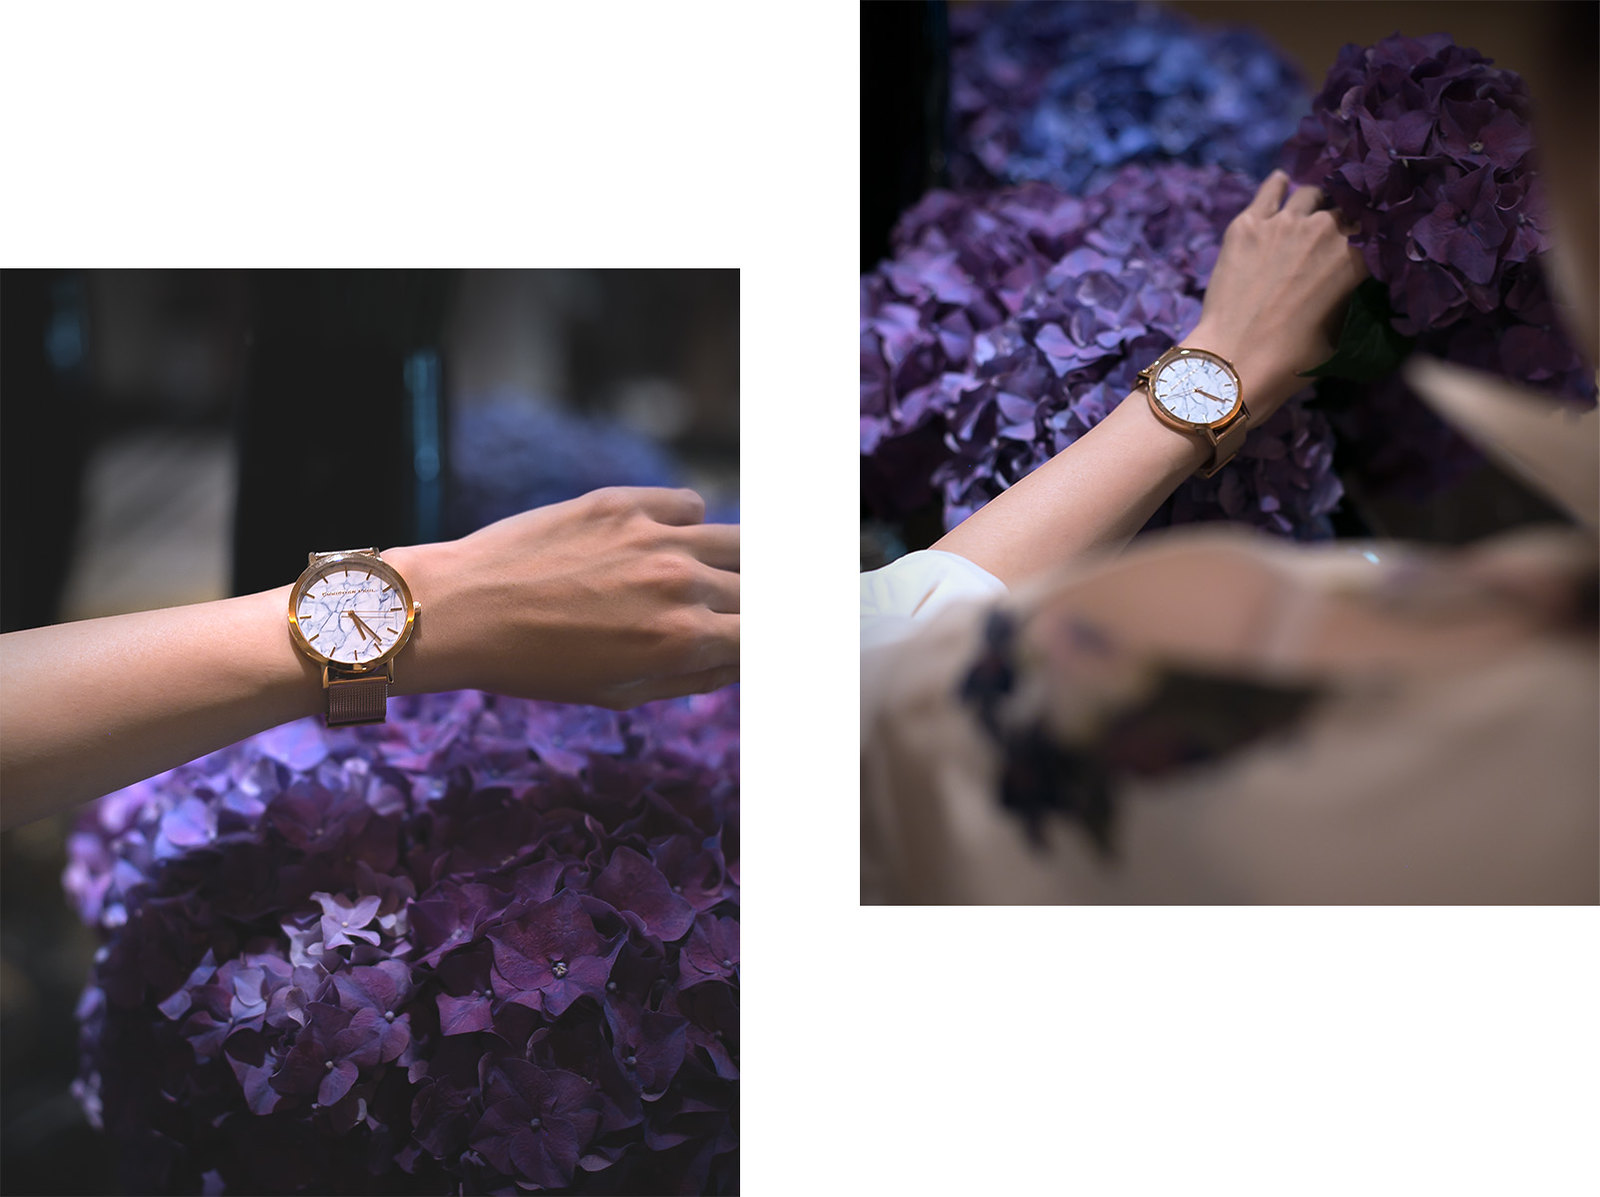 combinedflowerwatch1